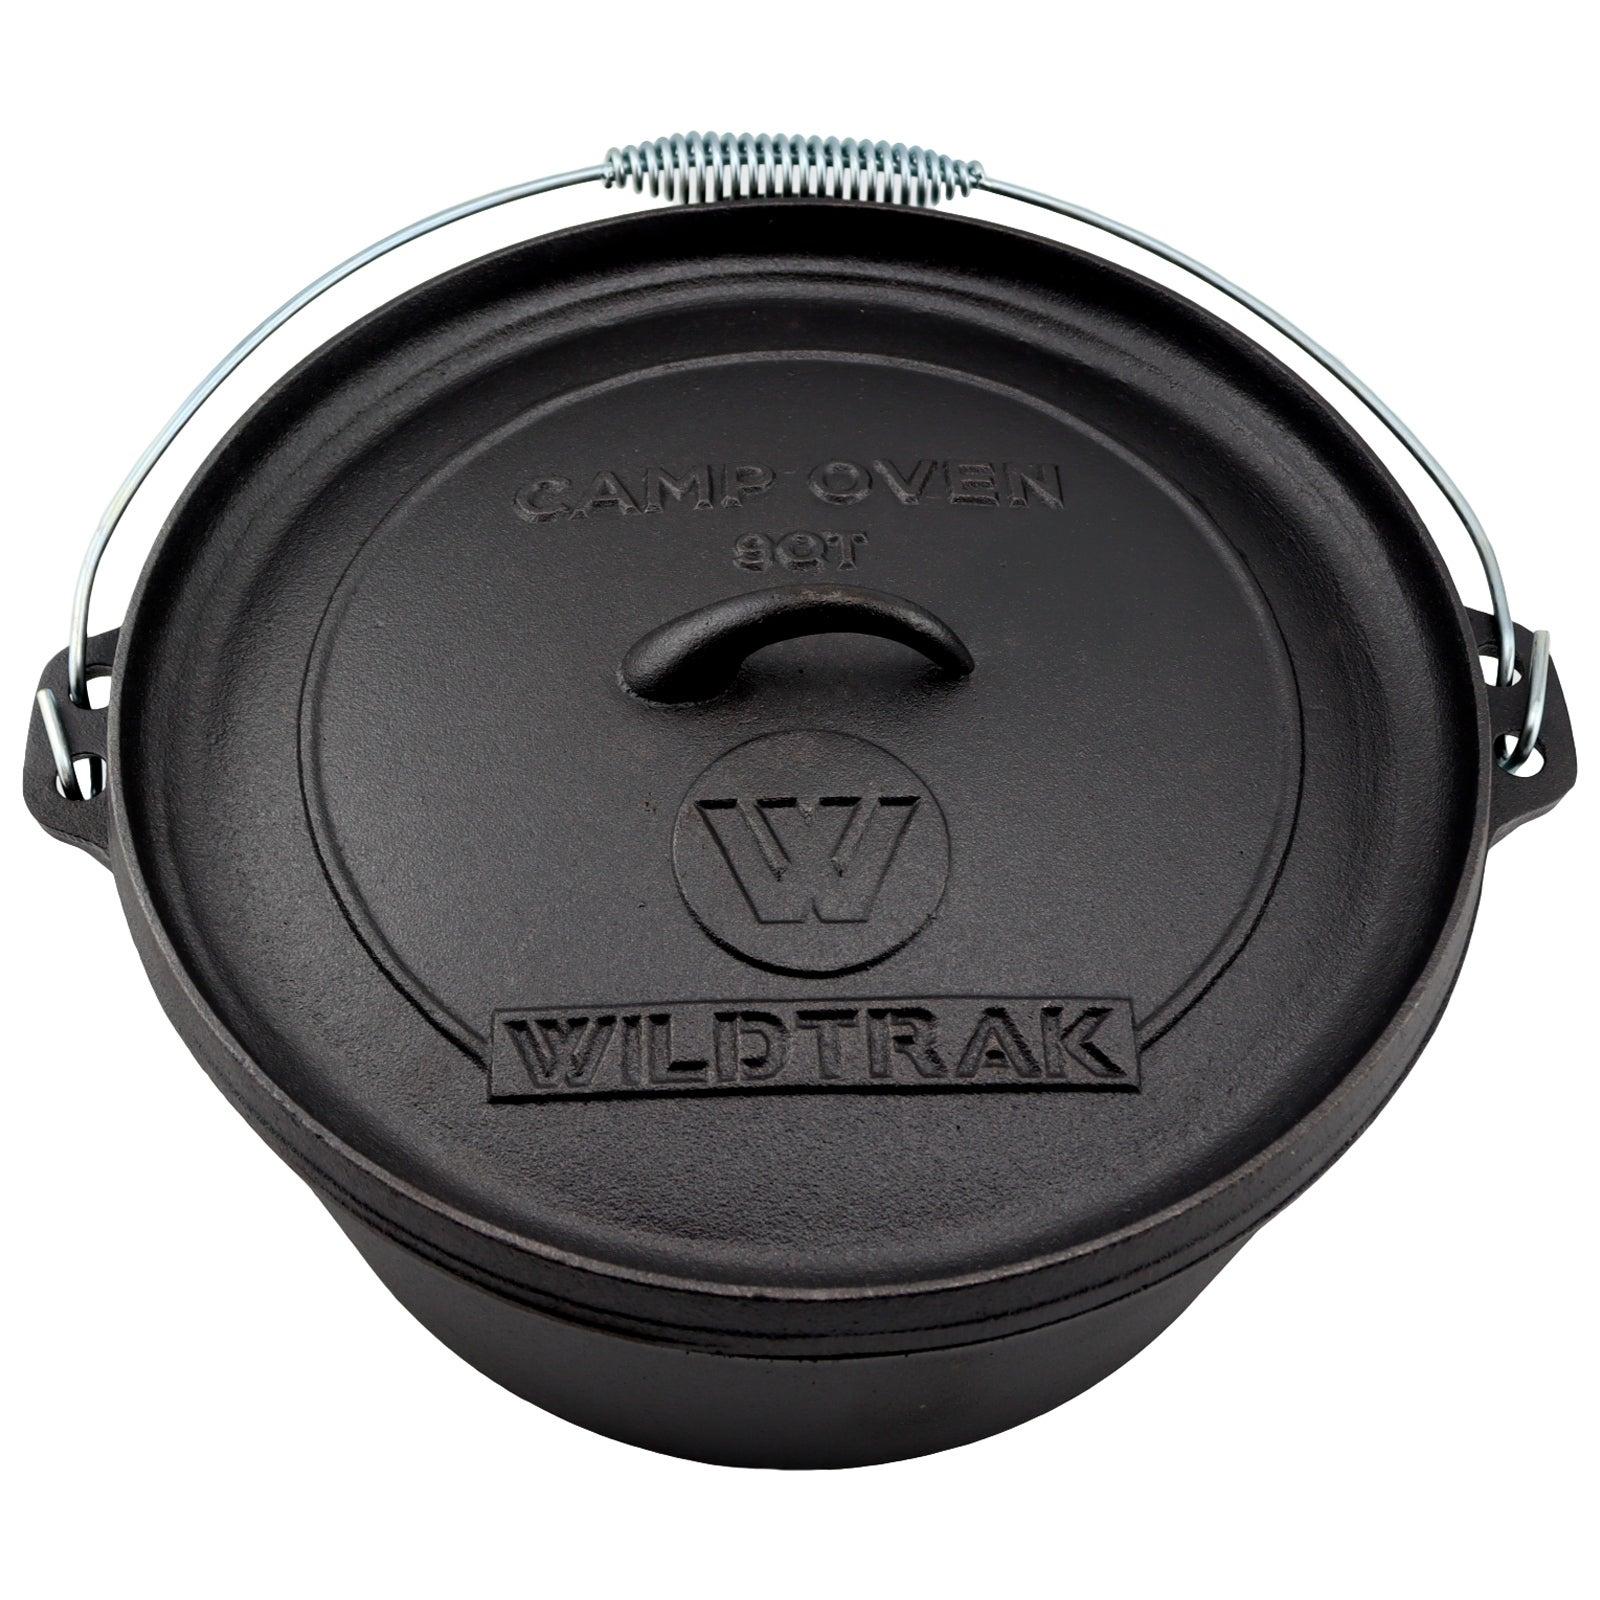 WildTrak 9 Quart Camp Oven 8.5L